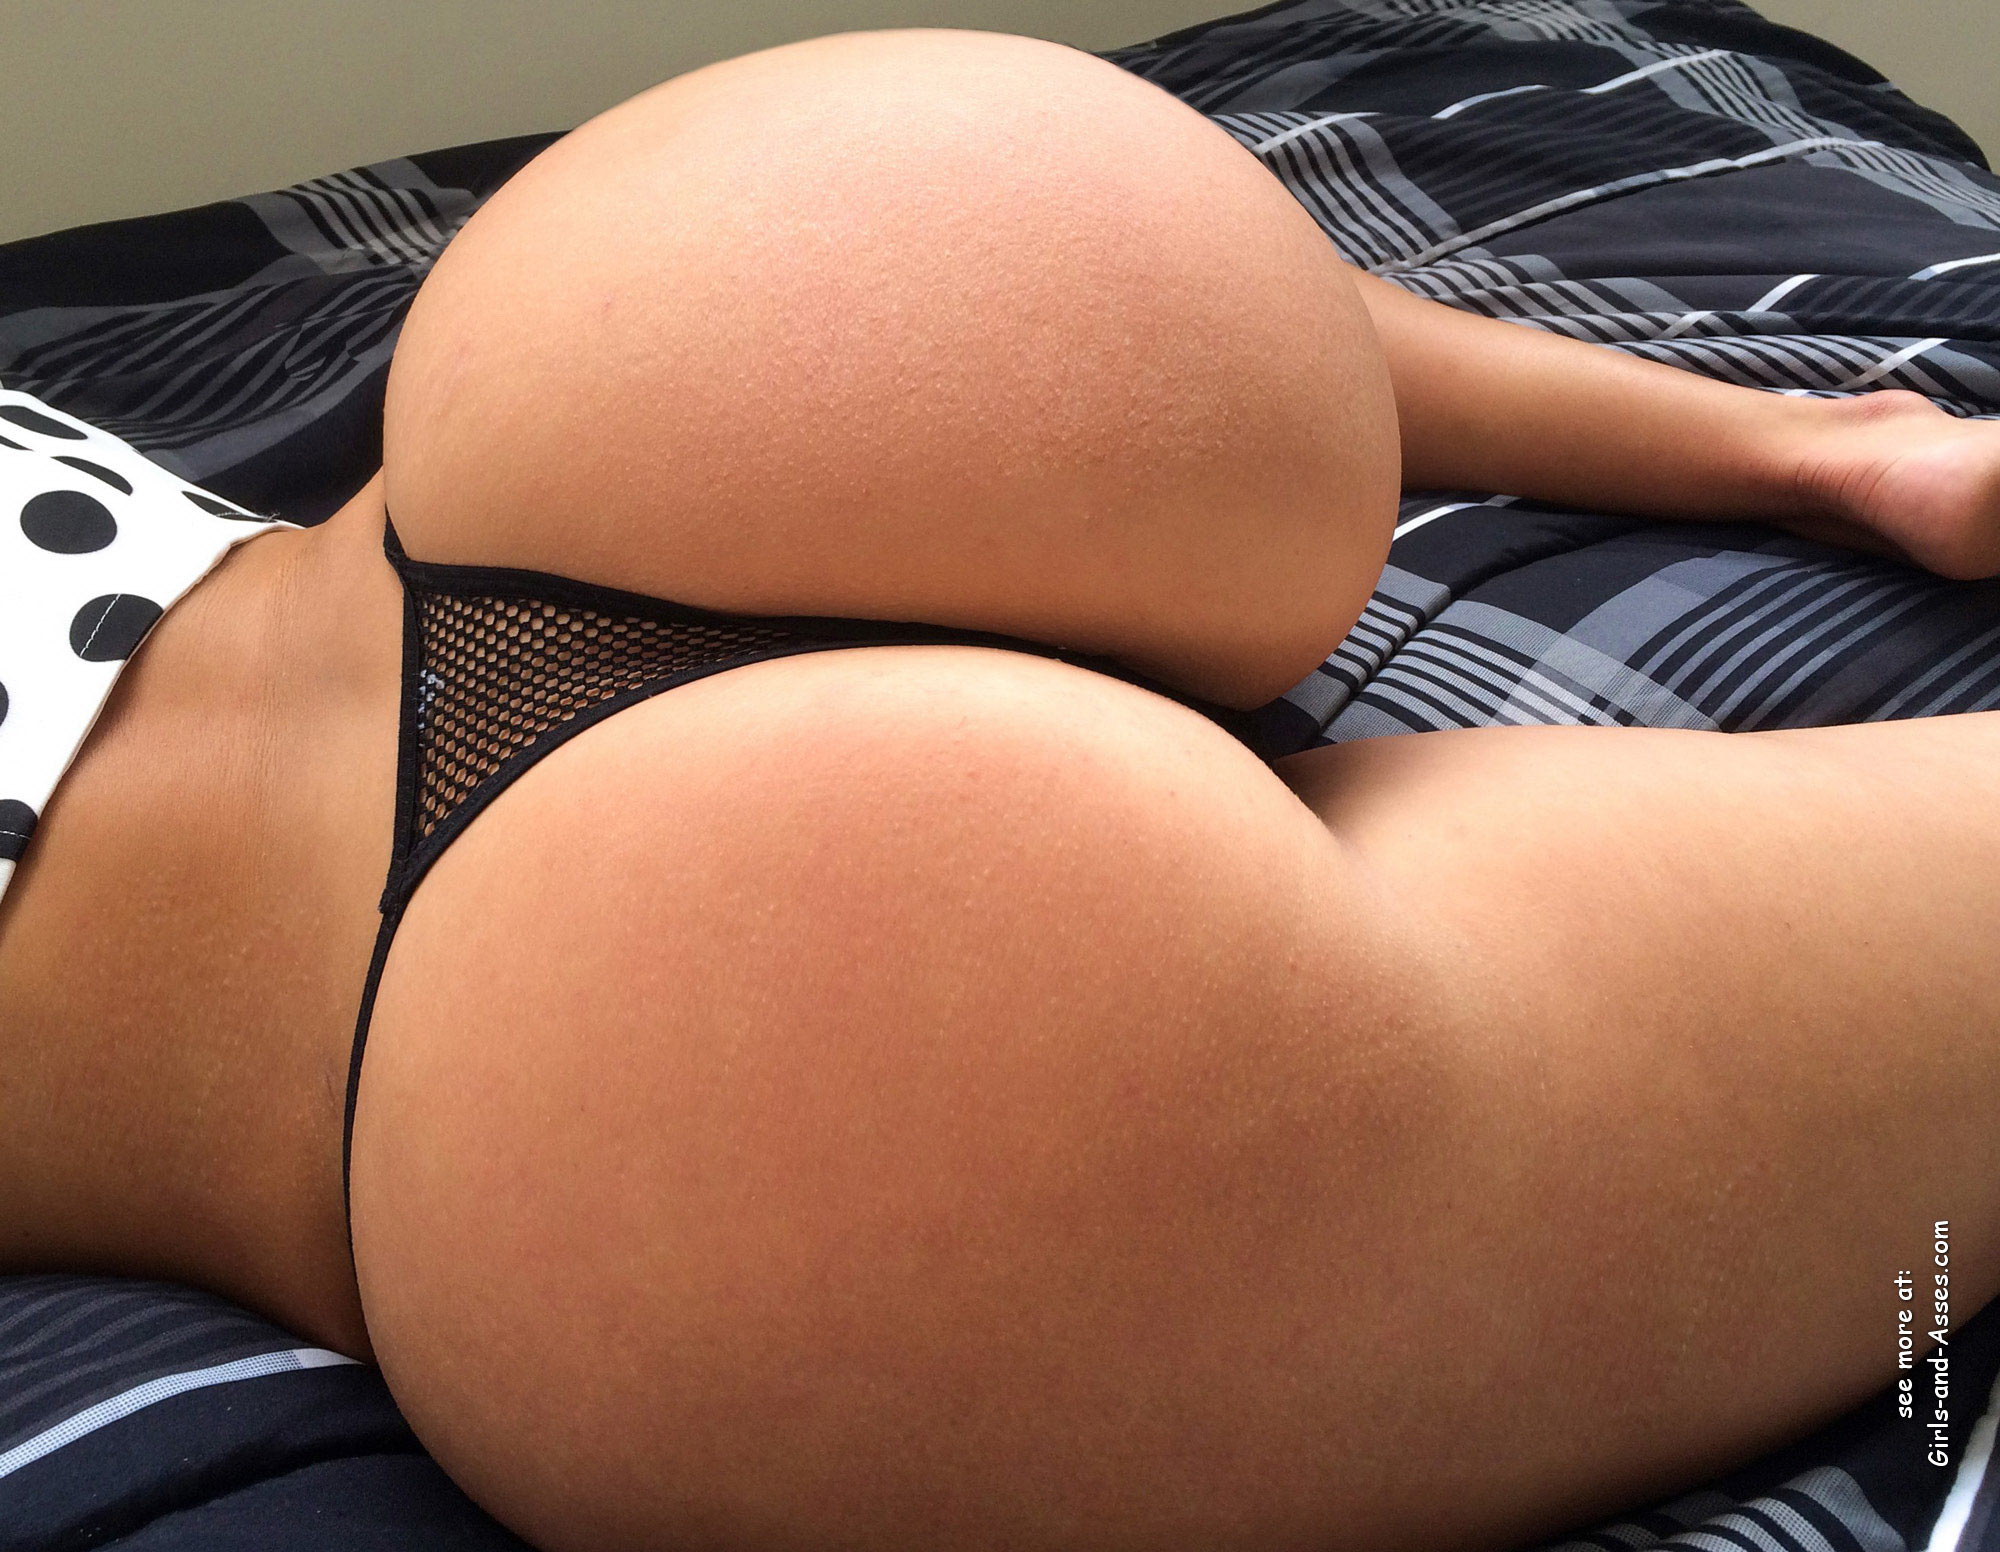 big assed naked brazilian babe photo 01528